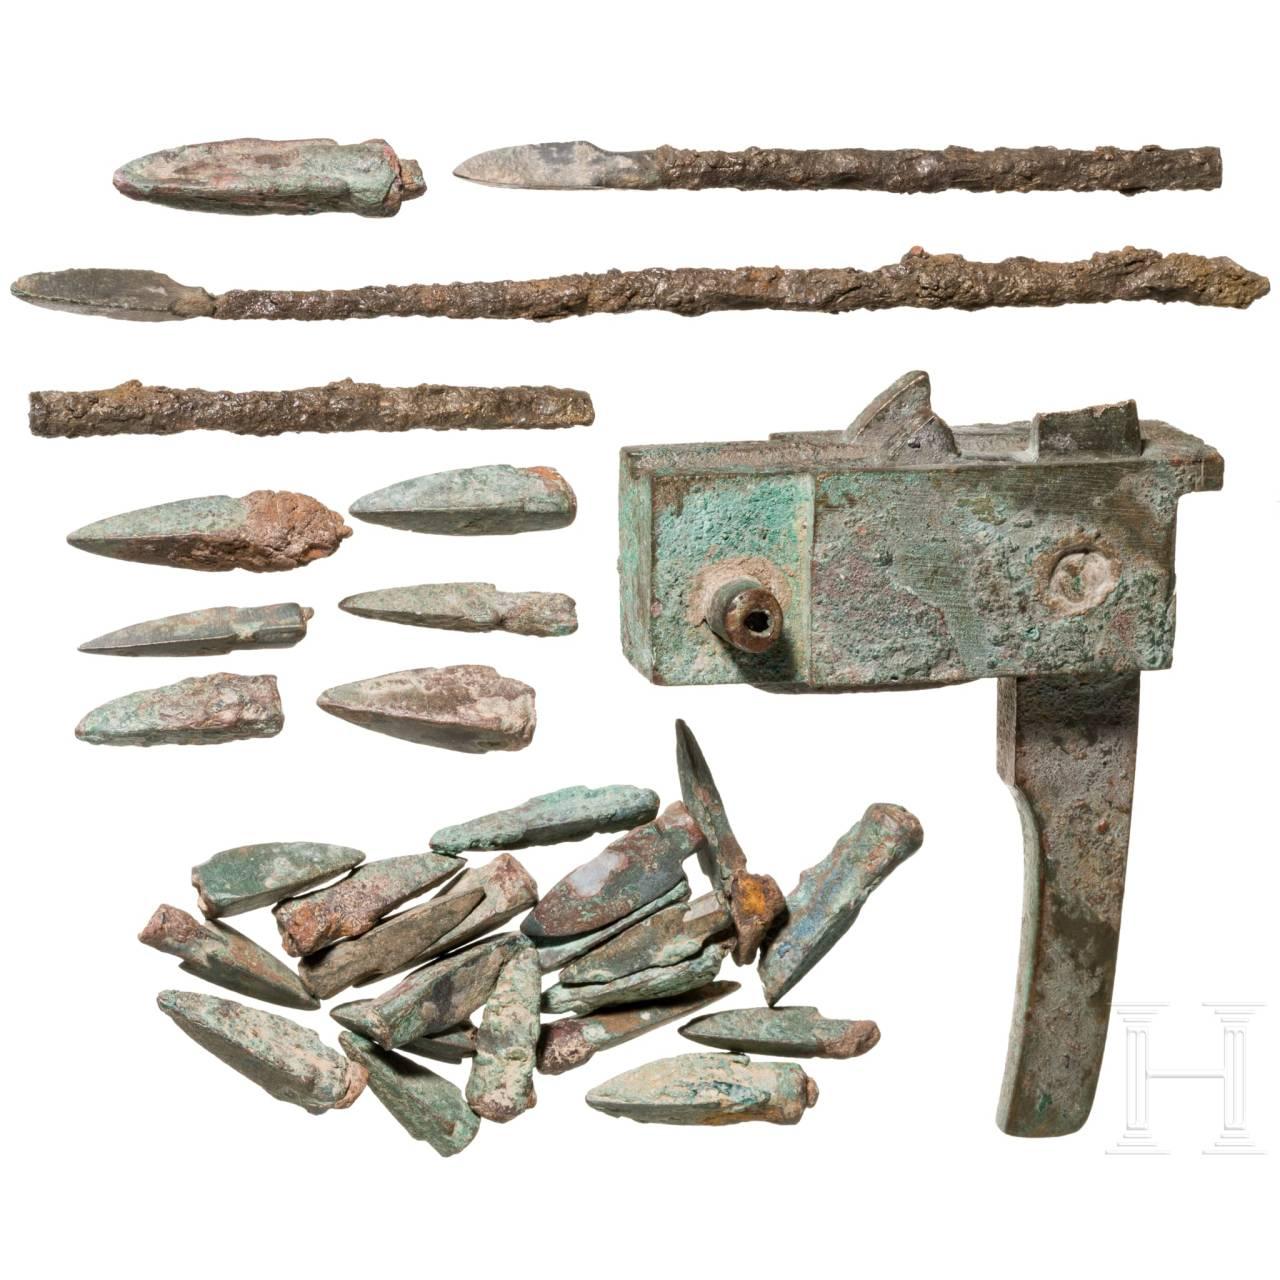 Chinesisches Armbrustschloss und Sammlung Pfeilspitzen, Han-Dynastie, 206 v. Chr. – 220 n. Chr.